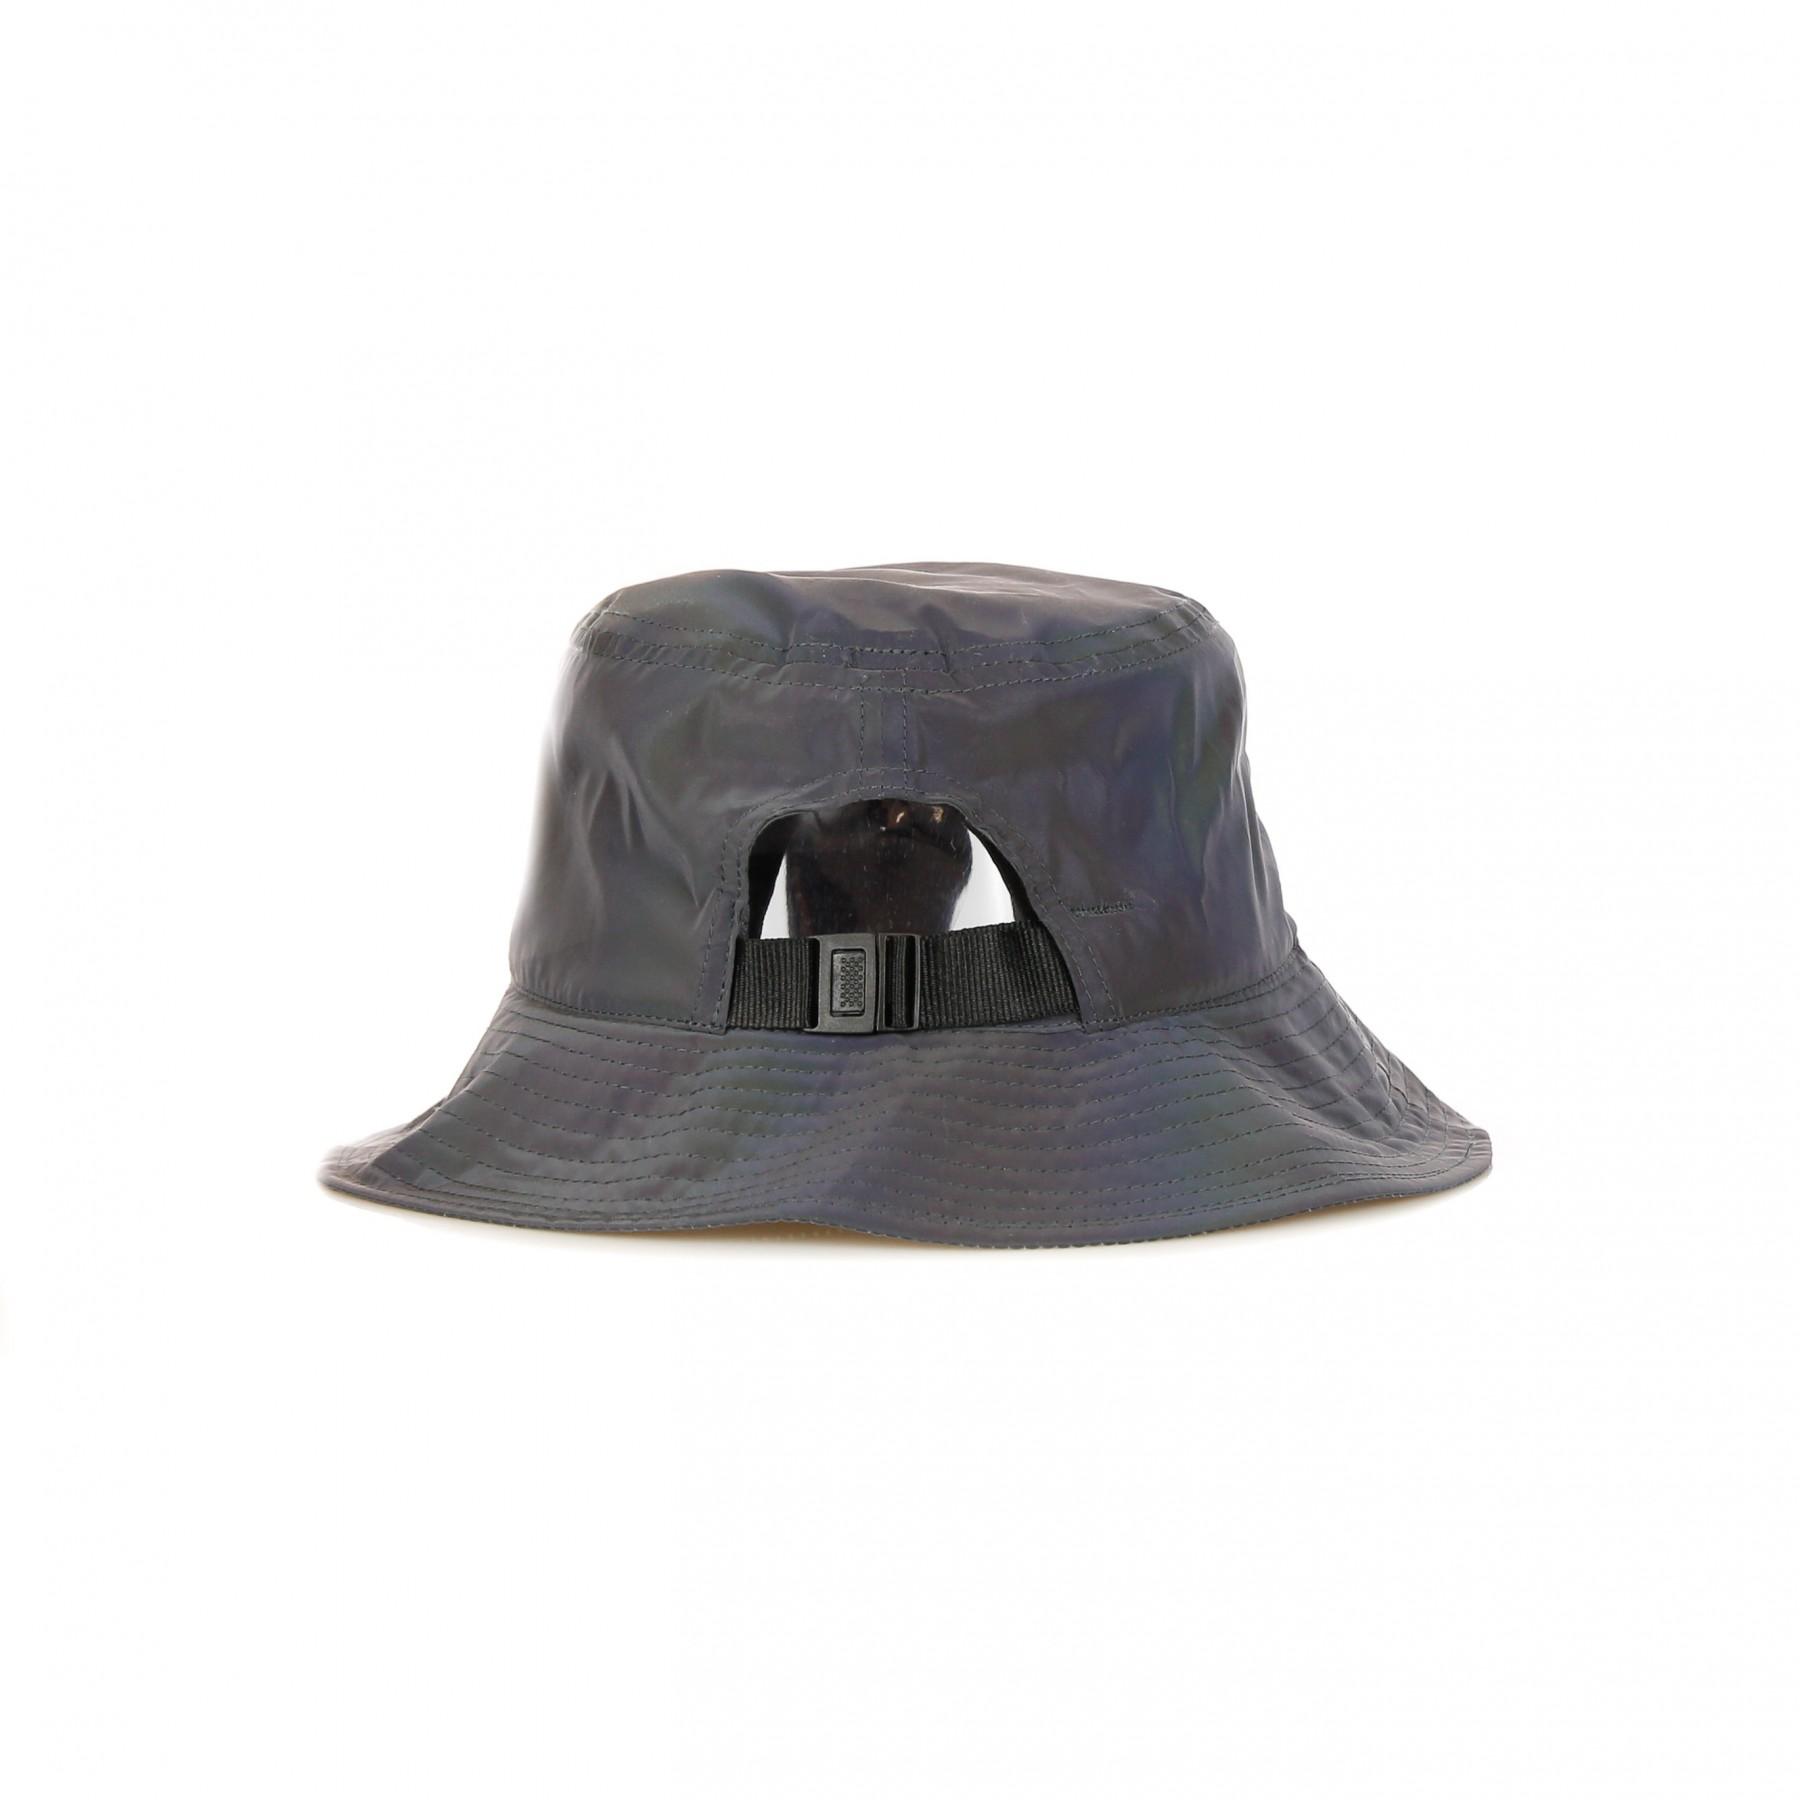 CAPPELLO DA PESCATORE IRIDESCENT JUNGLE HAT